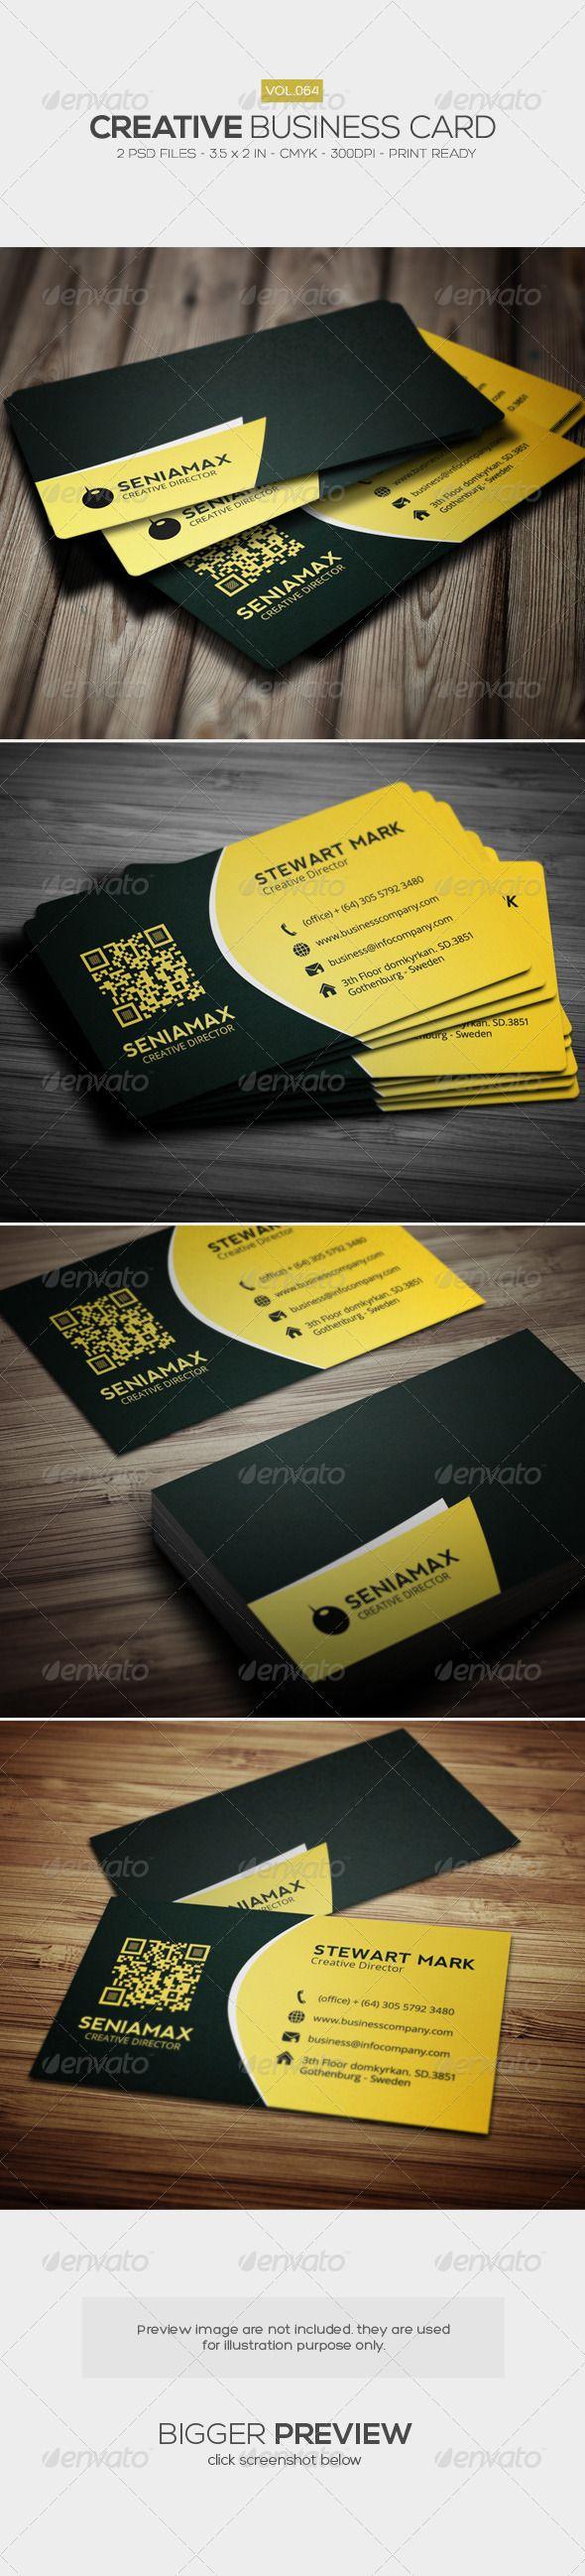 Business cards online sweden images card design and card template business cards online sweden images card design and card template business cards online sweden image collections reheart Choice Image